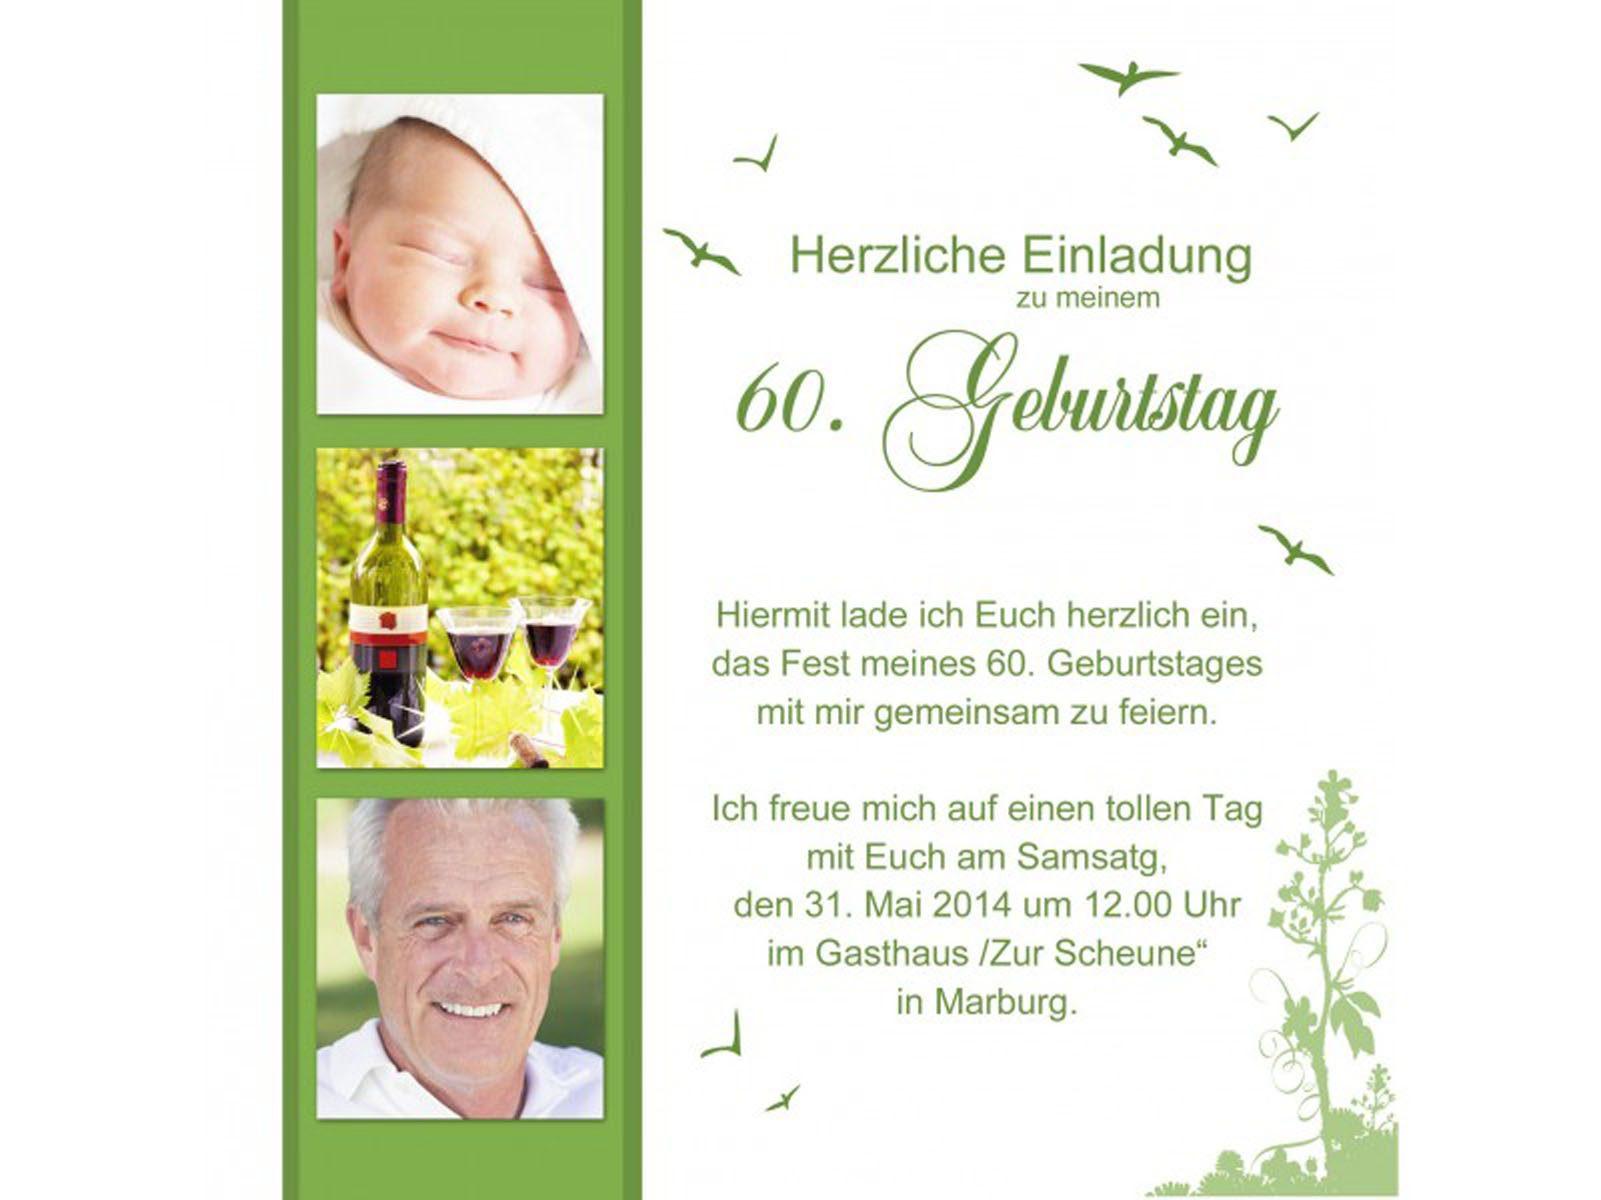 60 Geburtstag Einladung : 60 Geburtstag Einladung Sprüche - Geburstag Einladungskarten ...